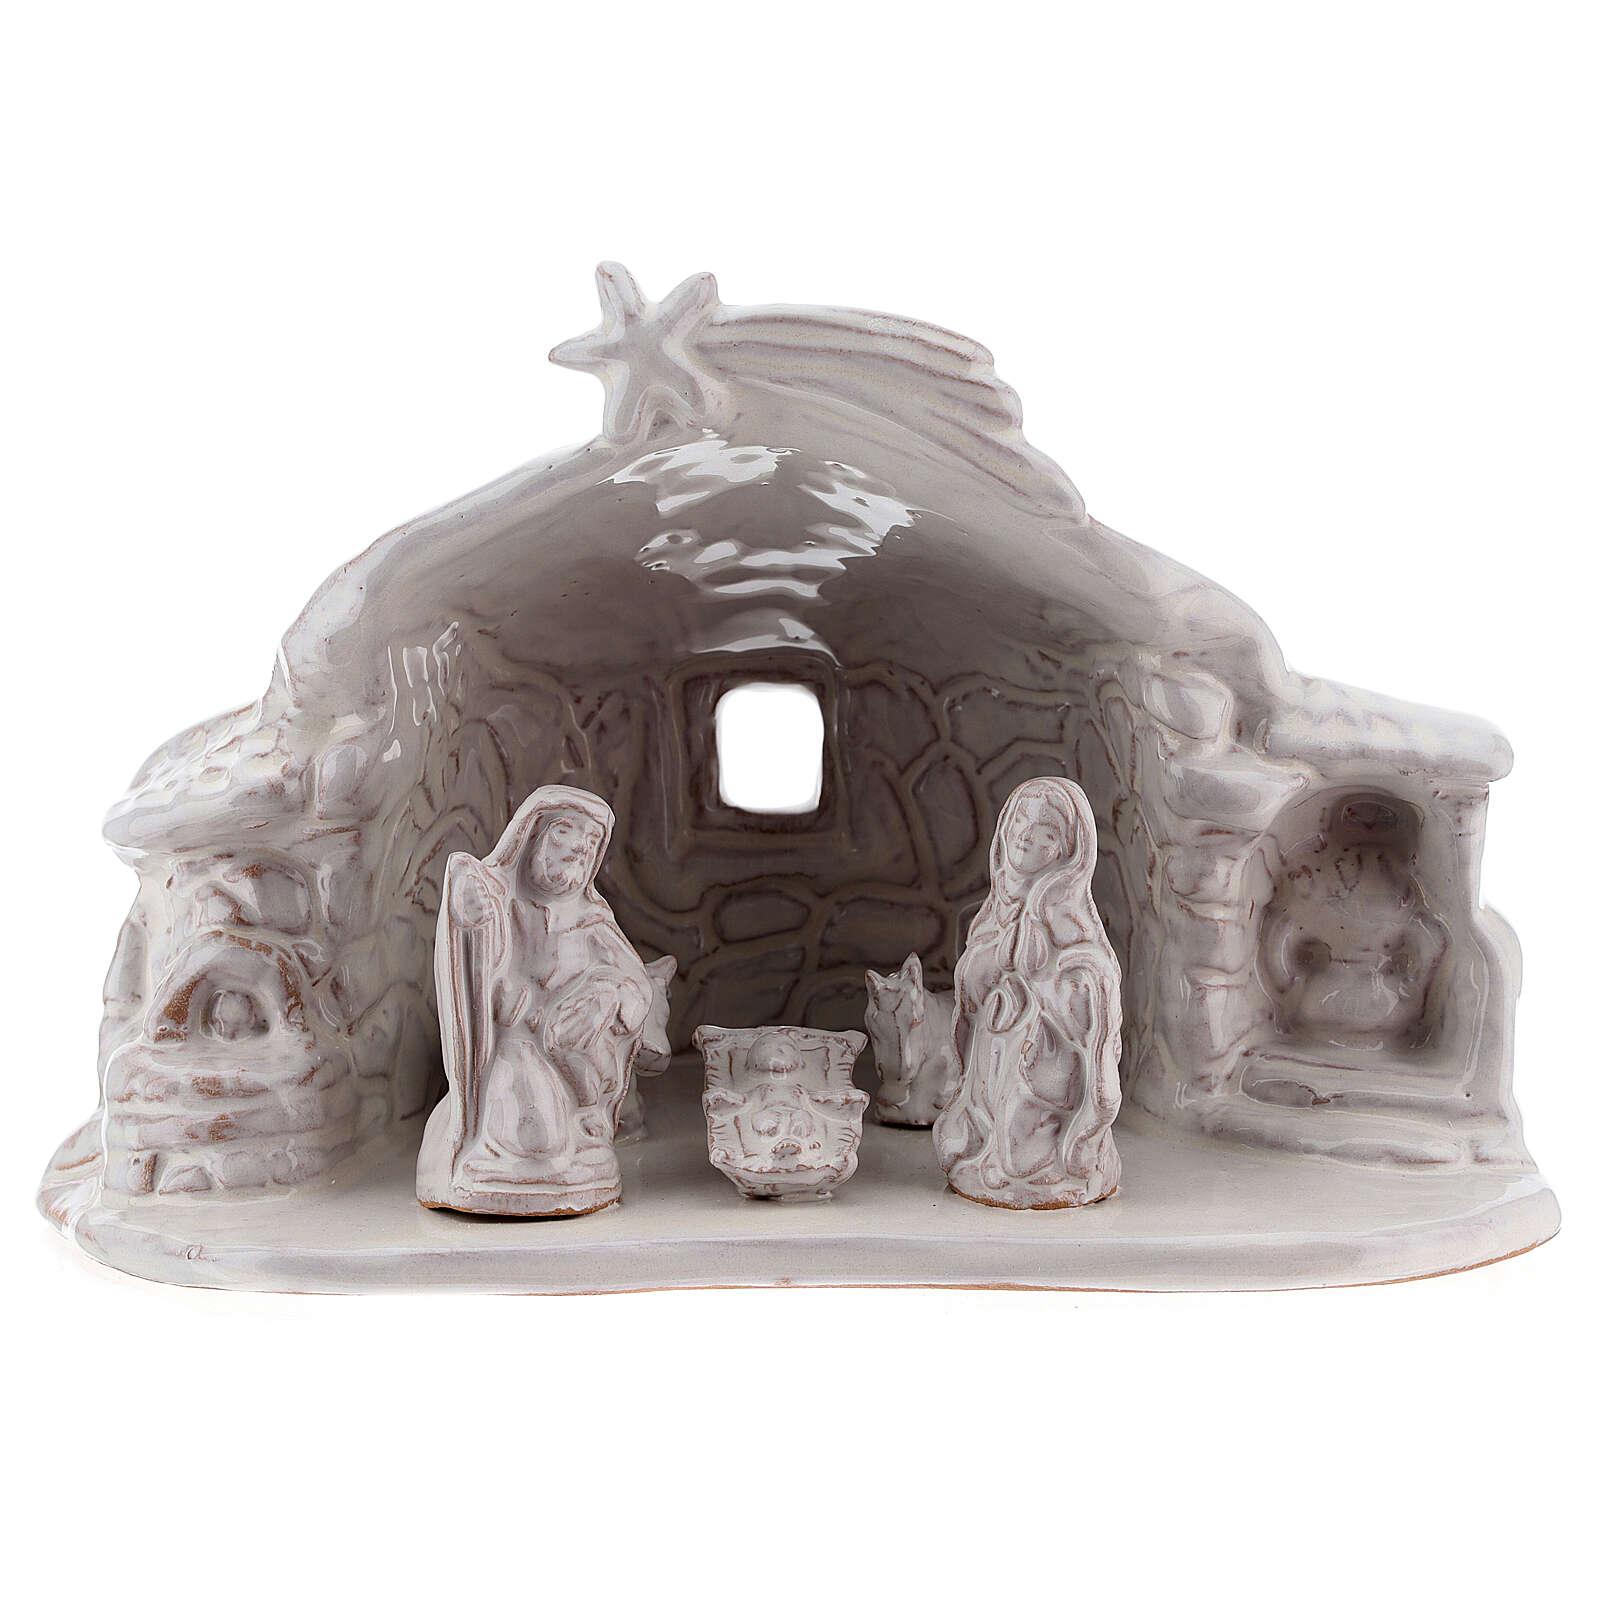 Establo Natividad efecto piedra terracota esmalte blanco Deruta 15 cm 4